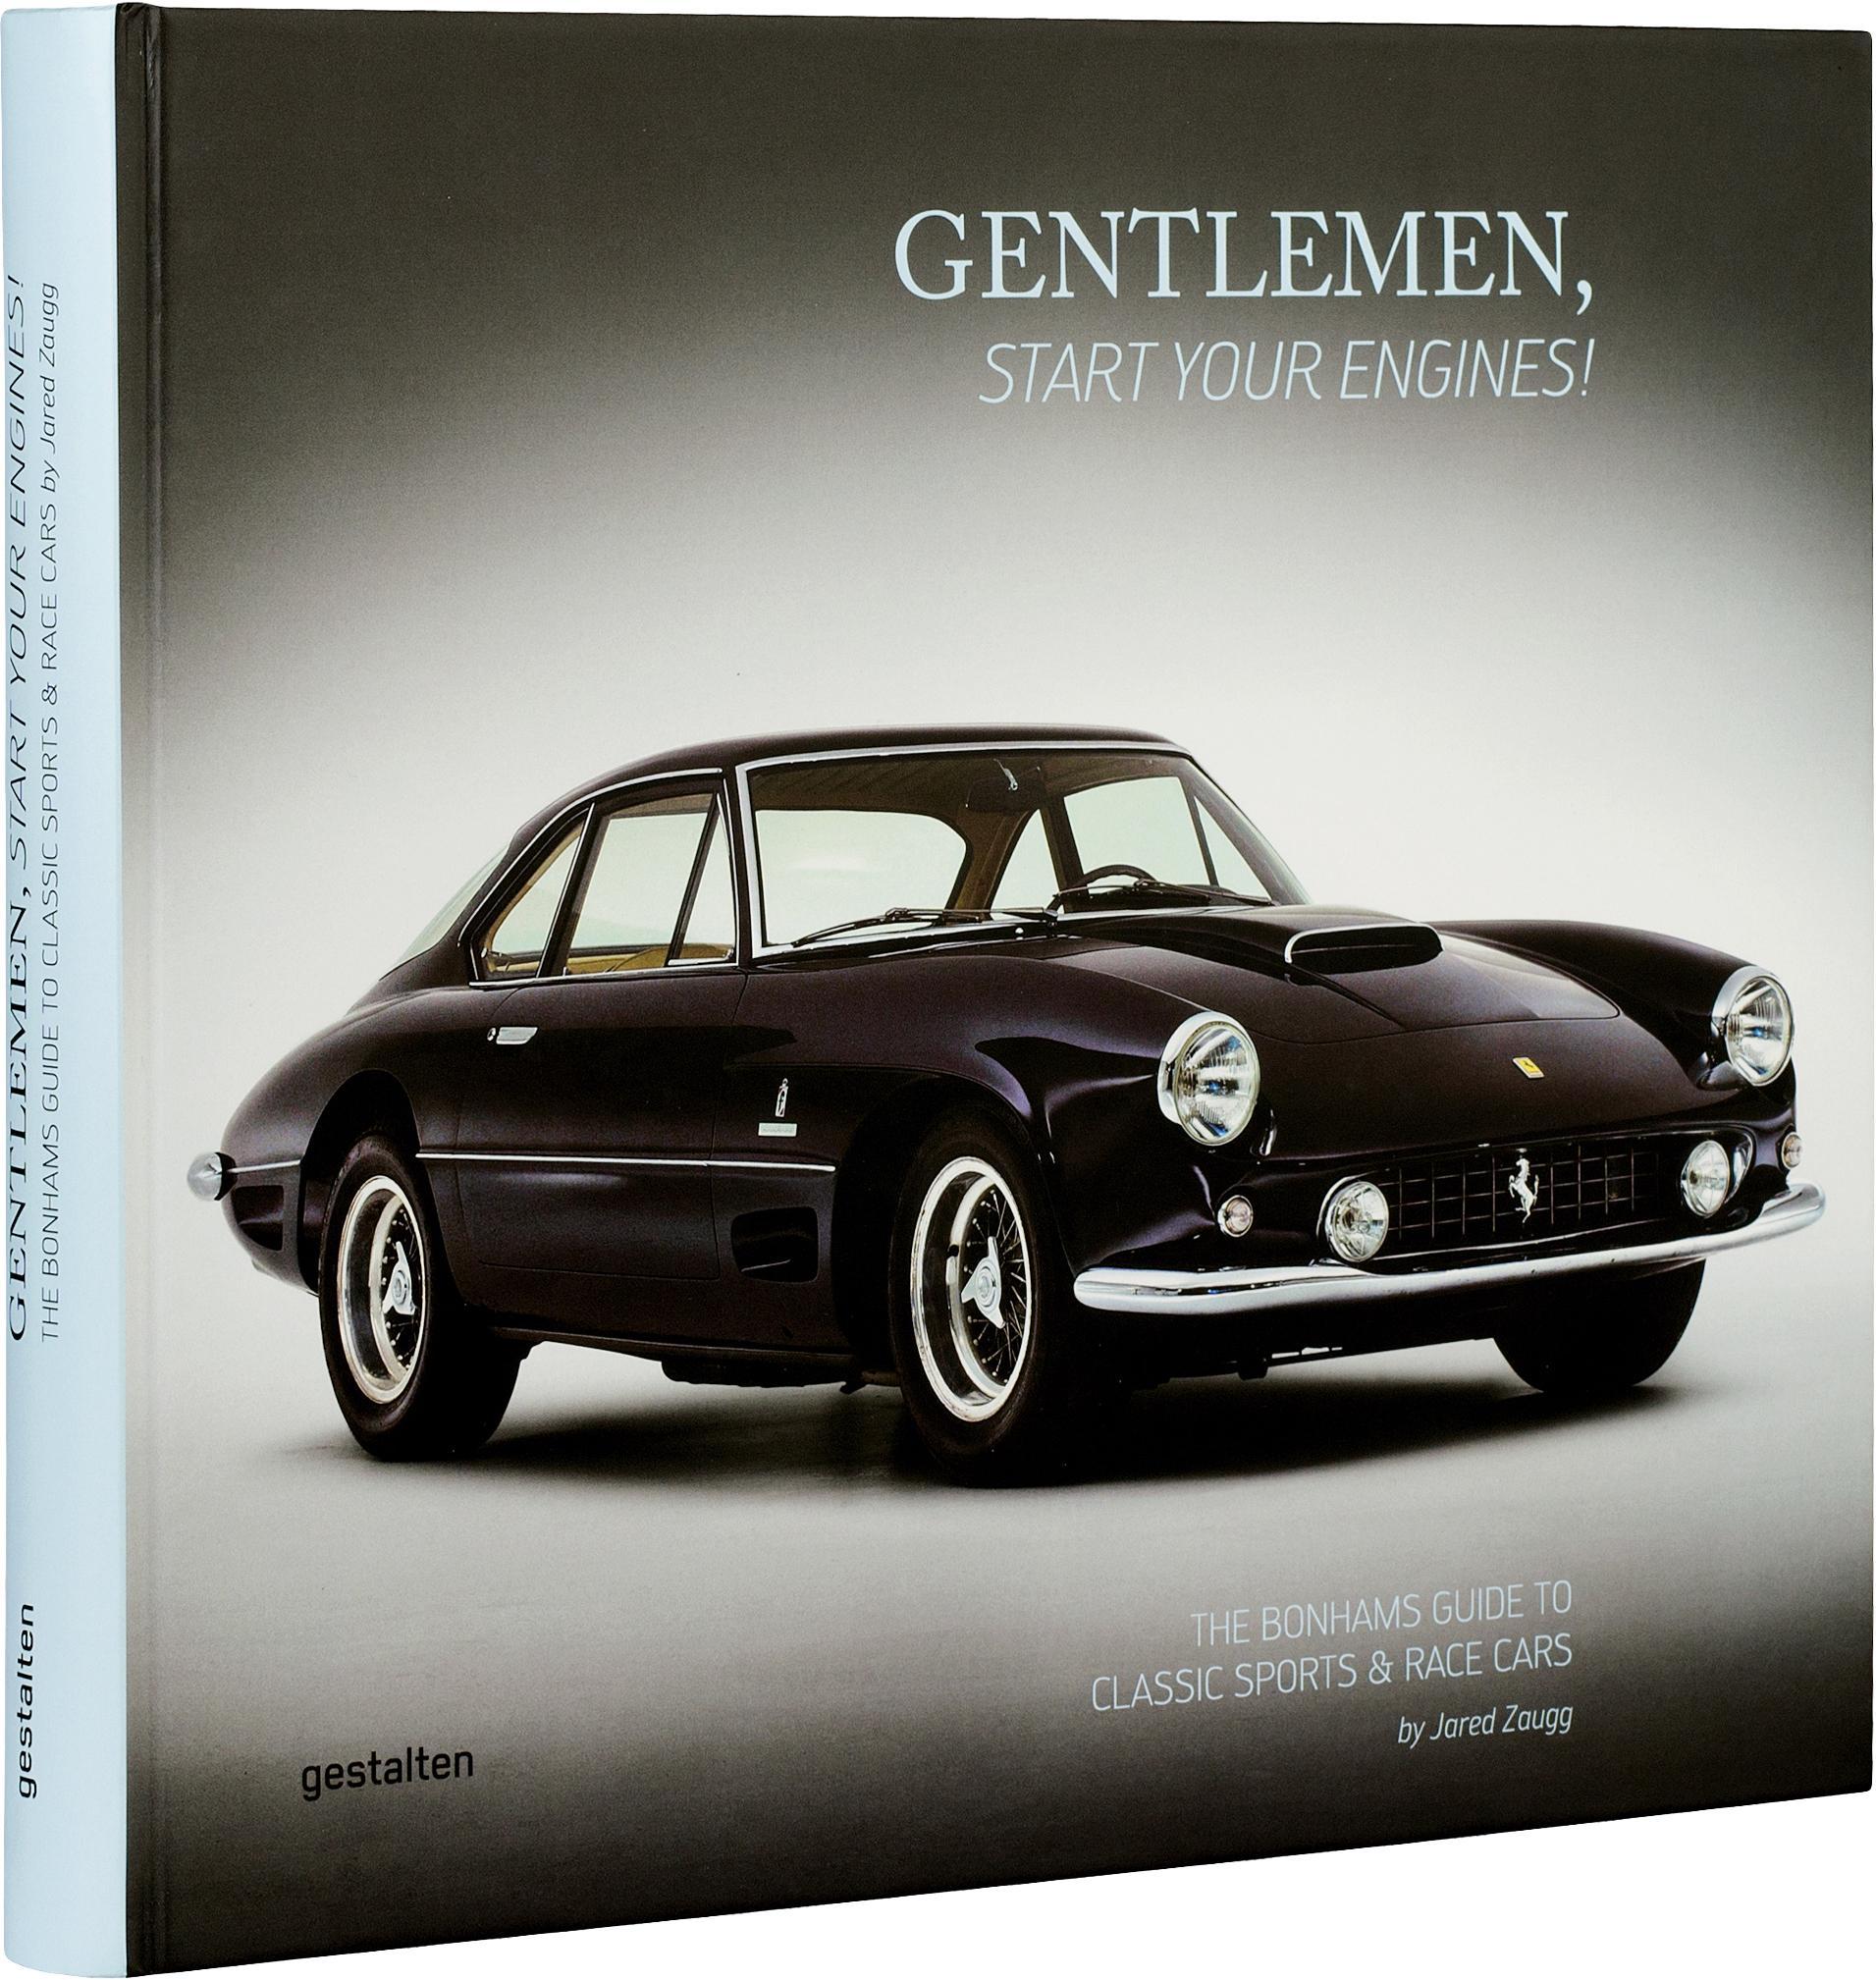 Geïllustreerd boek  Gentlemen, start your engines!, Papier, hardcover, Multicolour, 27 x 30 cm